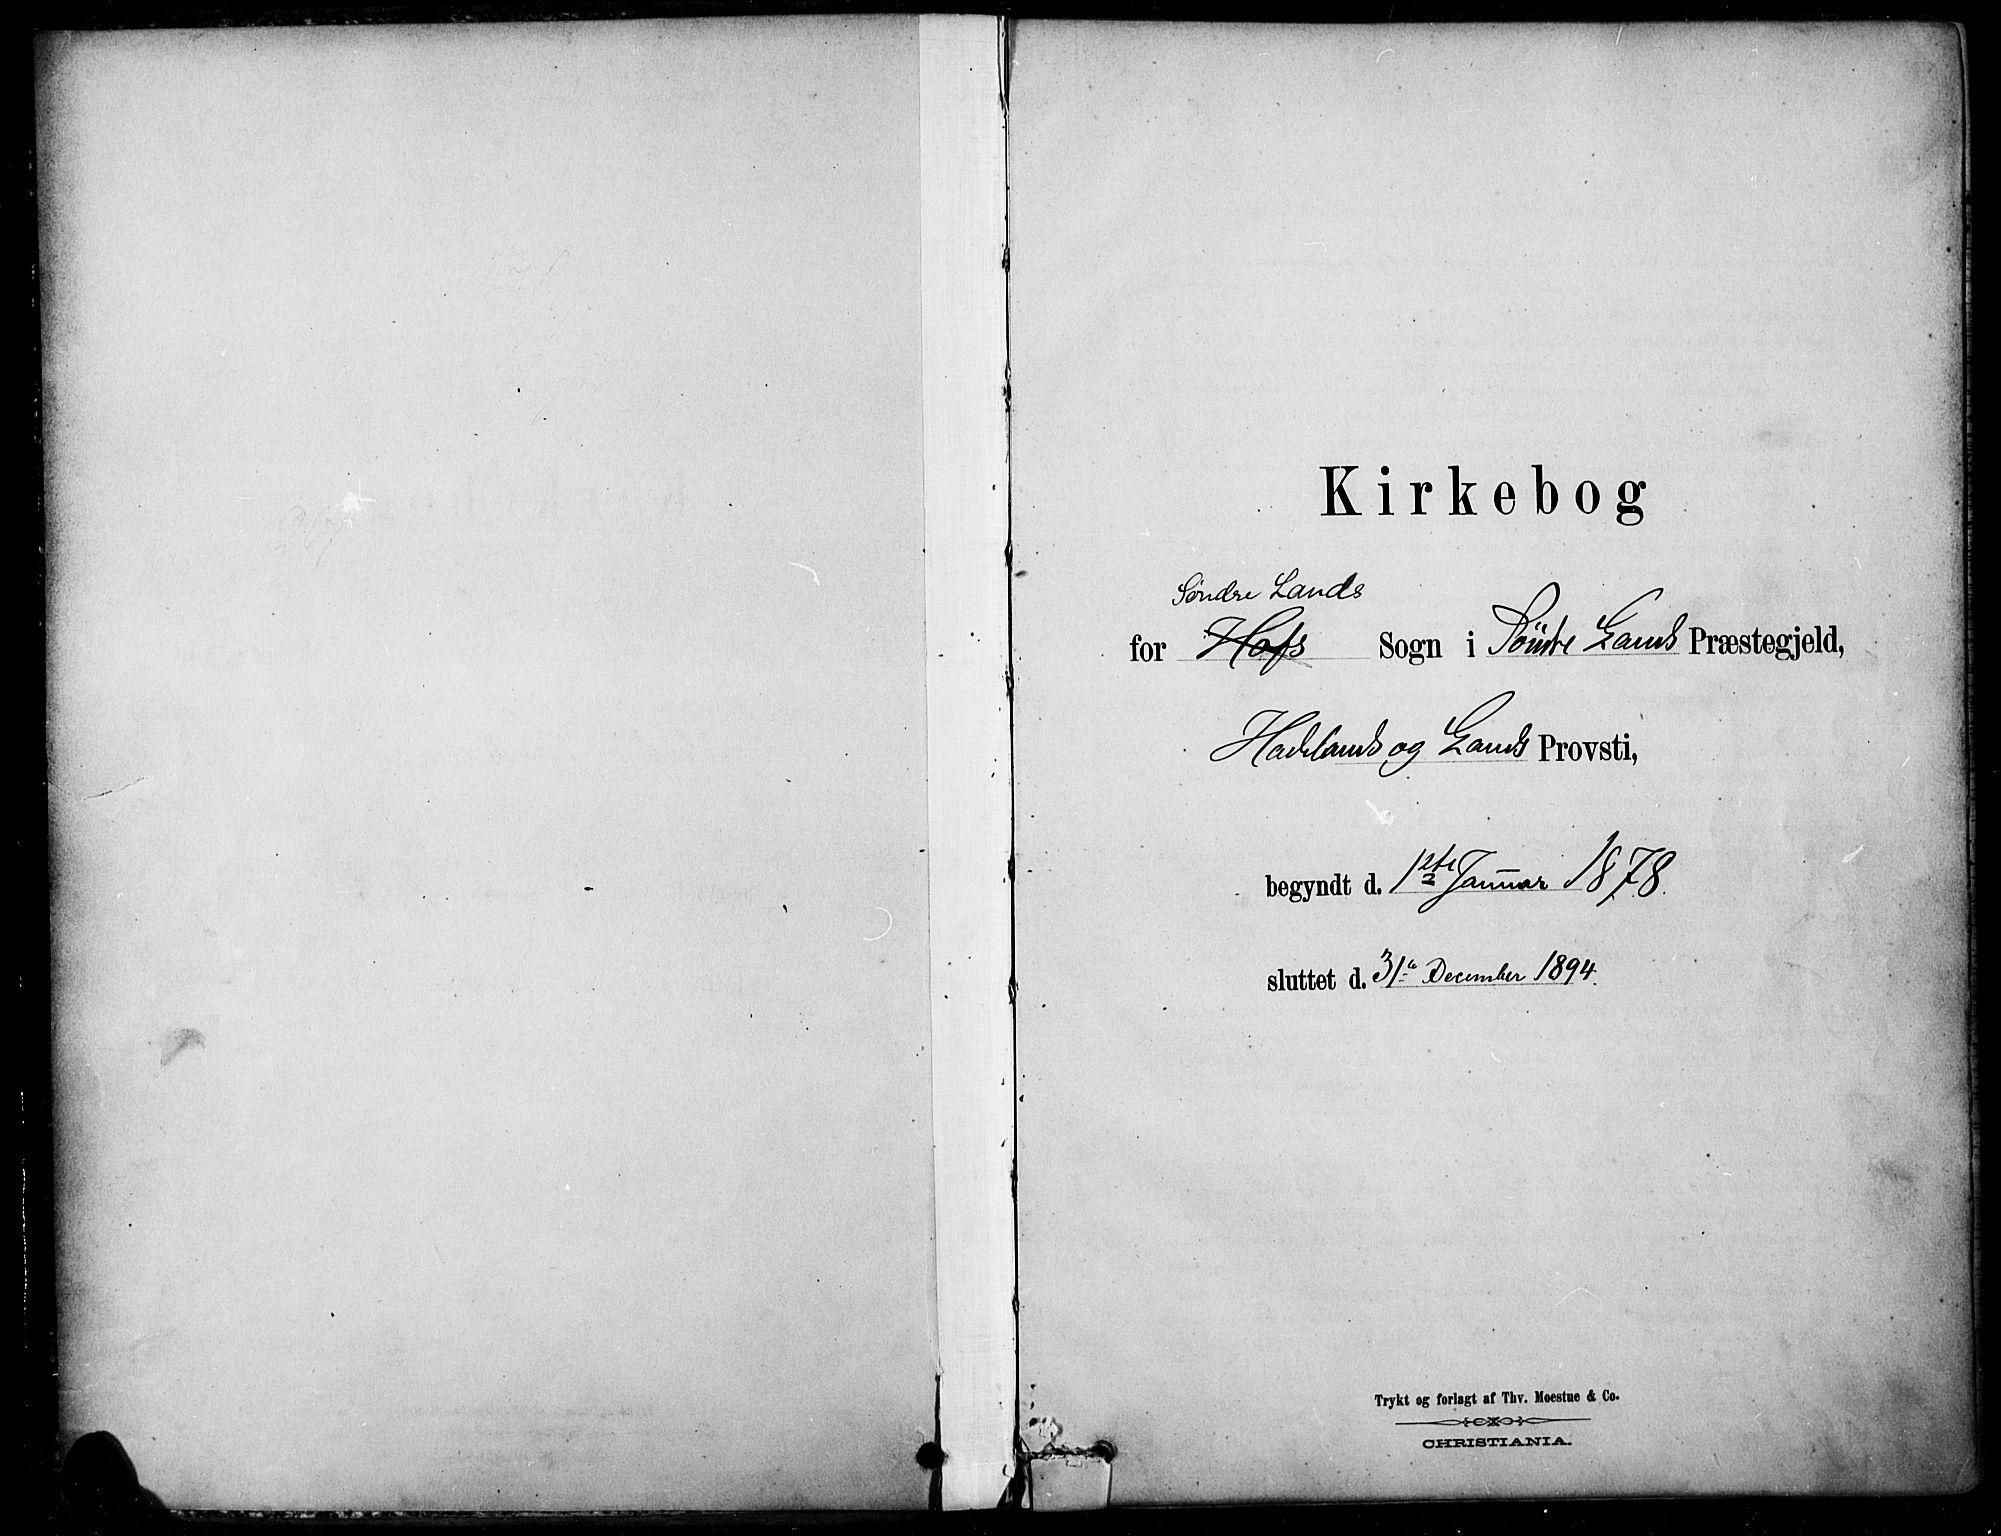 SAH, Søndre Land prestekontor, K/L0003: Ministerialbok nr. 3, 1878-1894